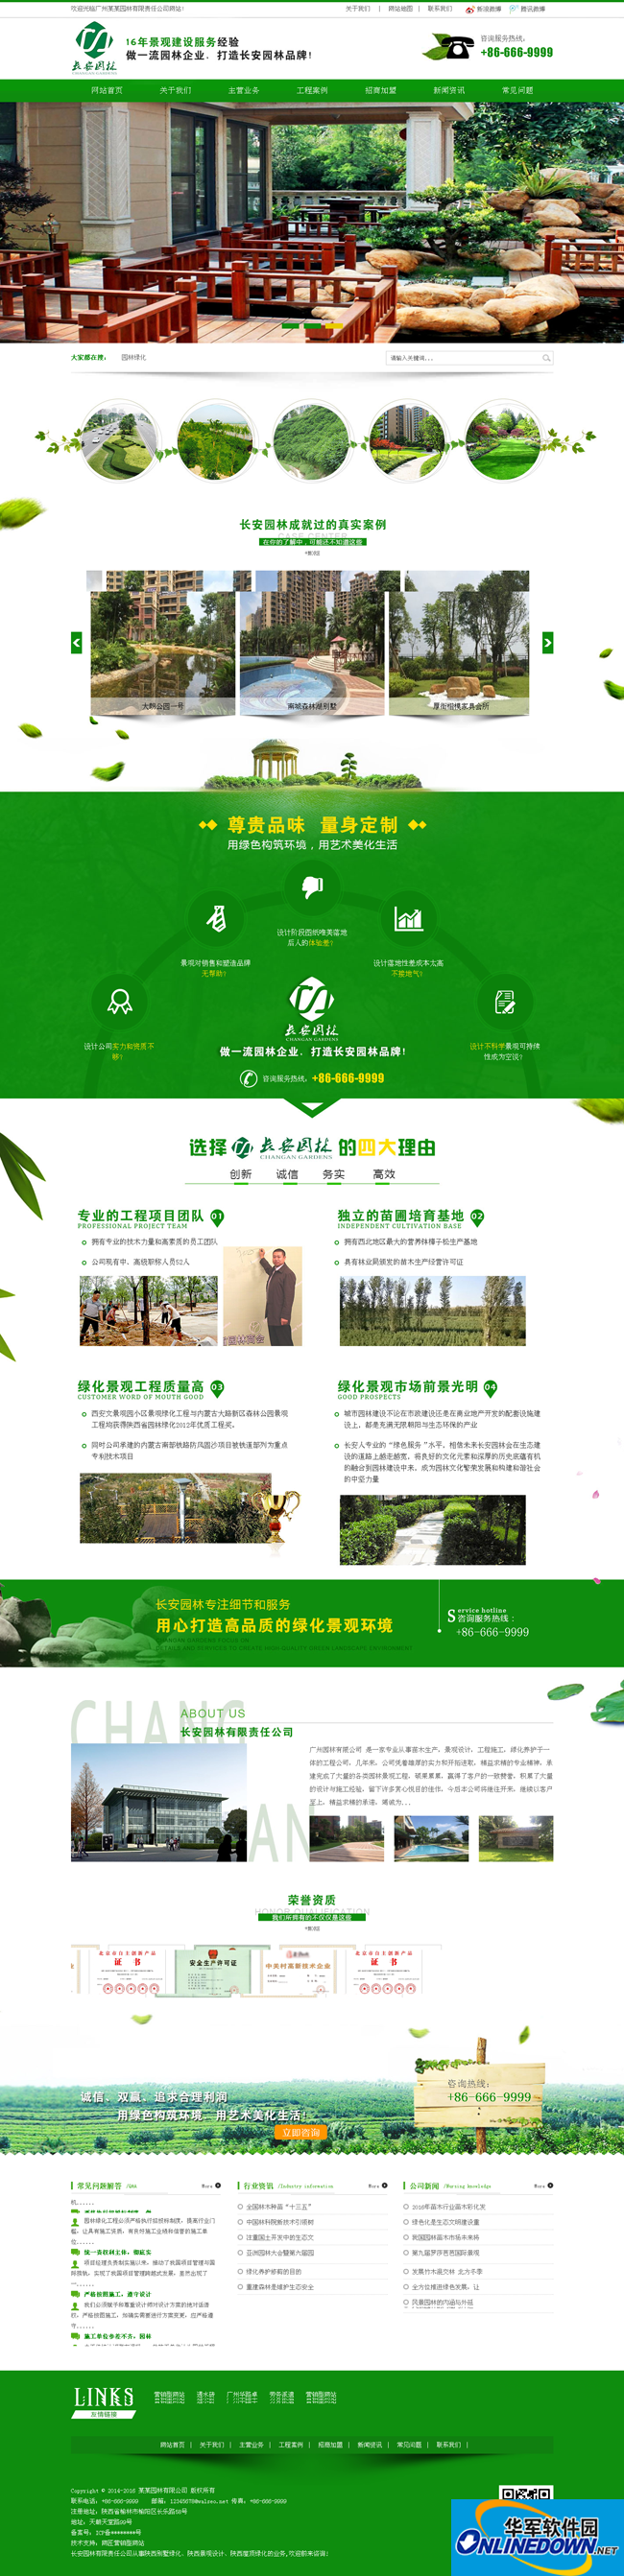 营销型绿色市政园林绿化行业网站织梦模板